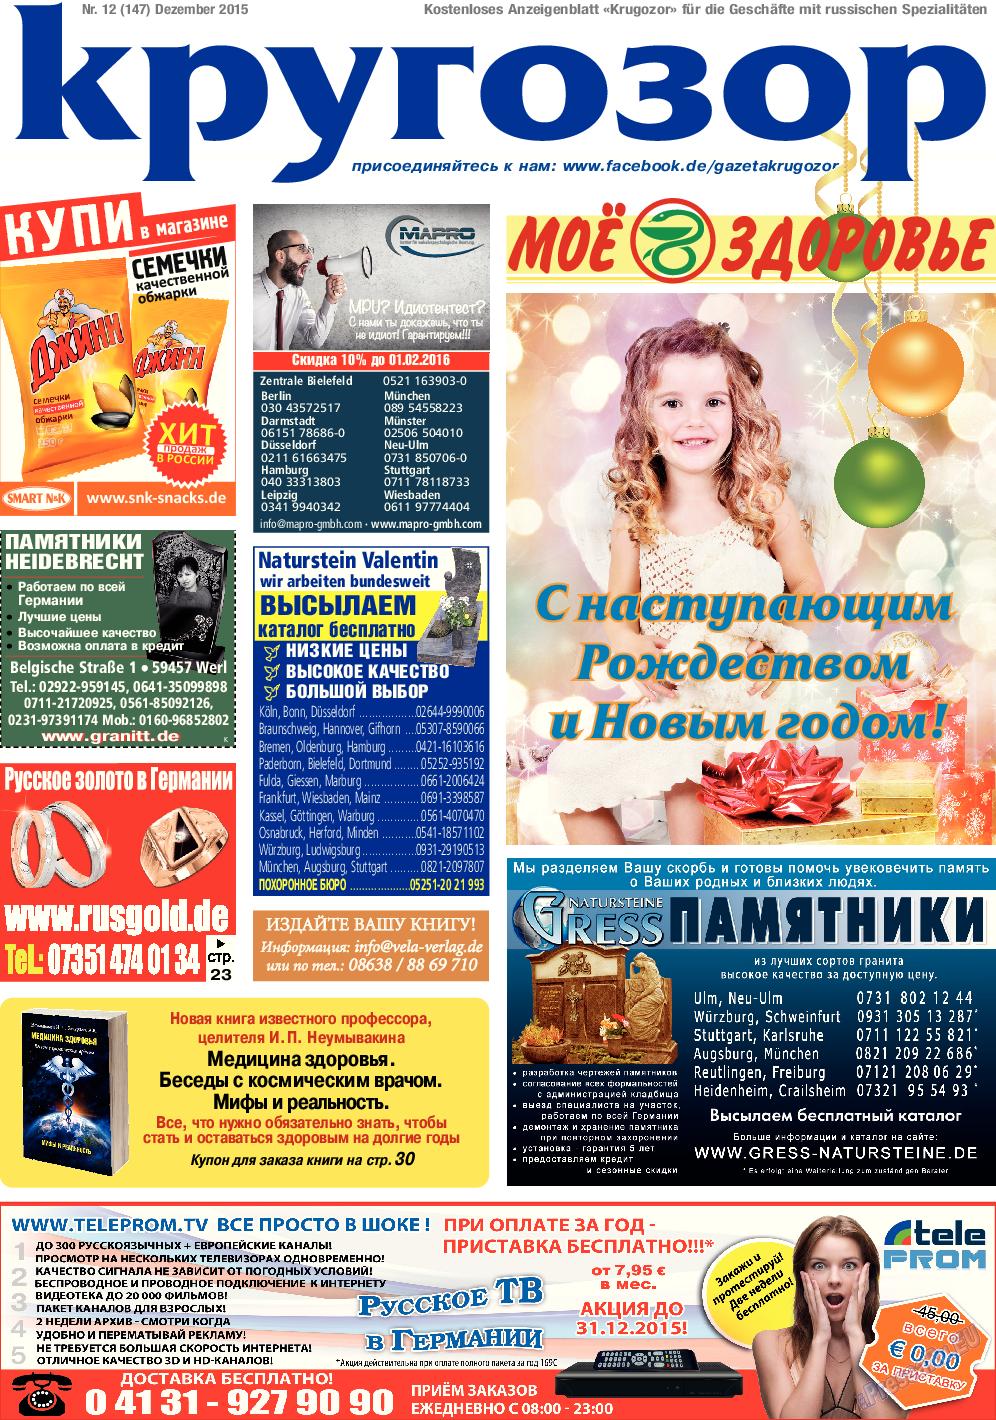 Кругозор (газета). 2015 год, номер 12, стр. 1